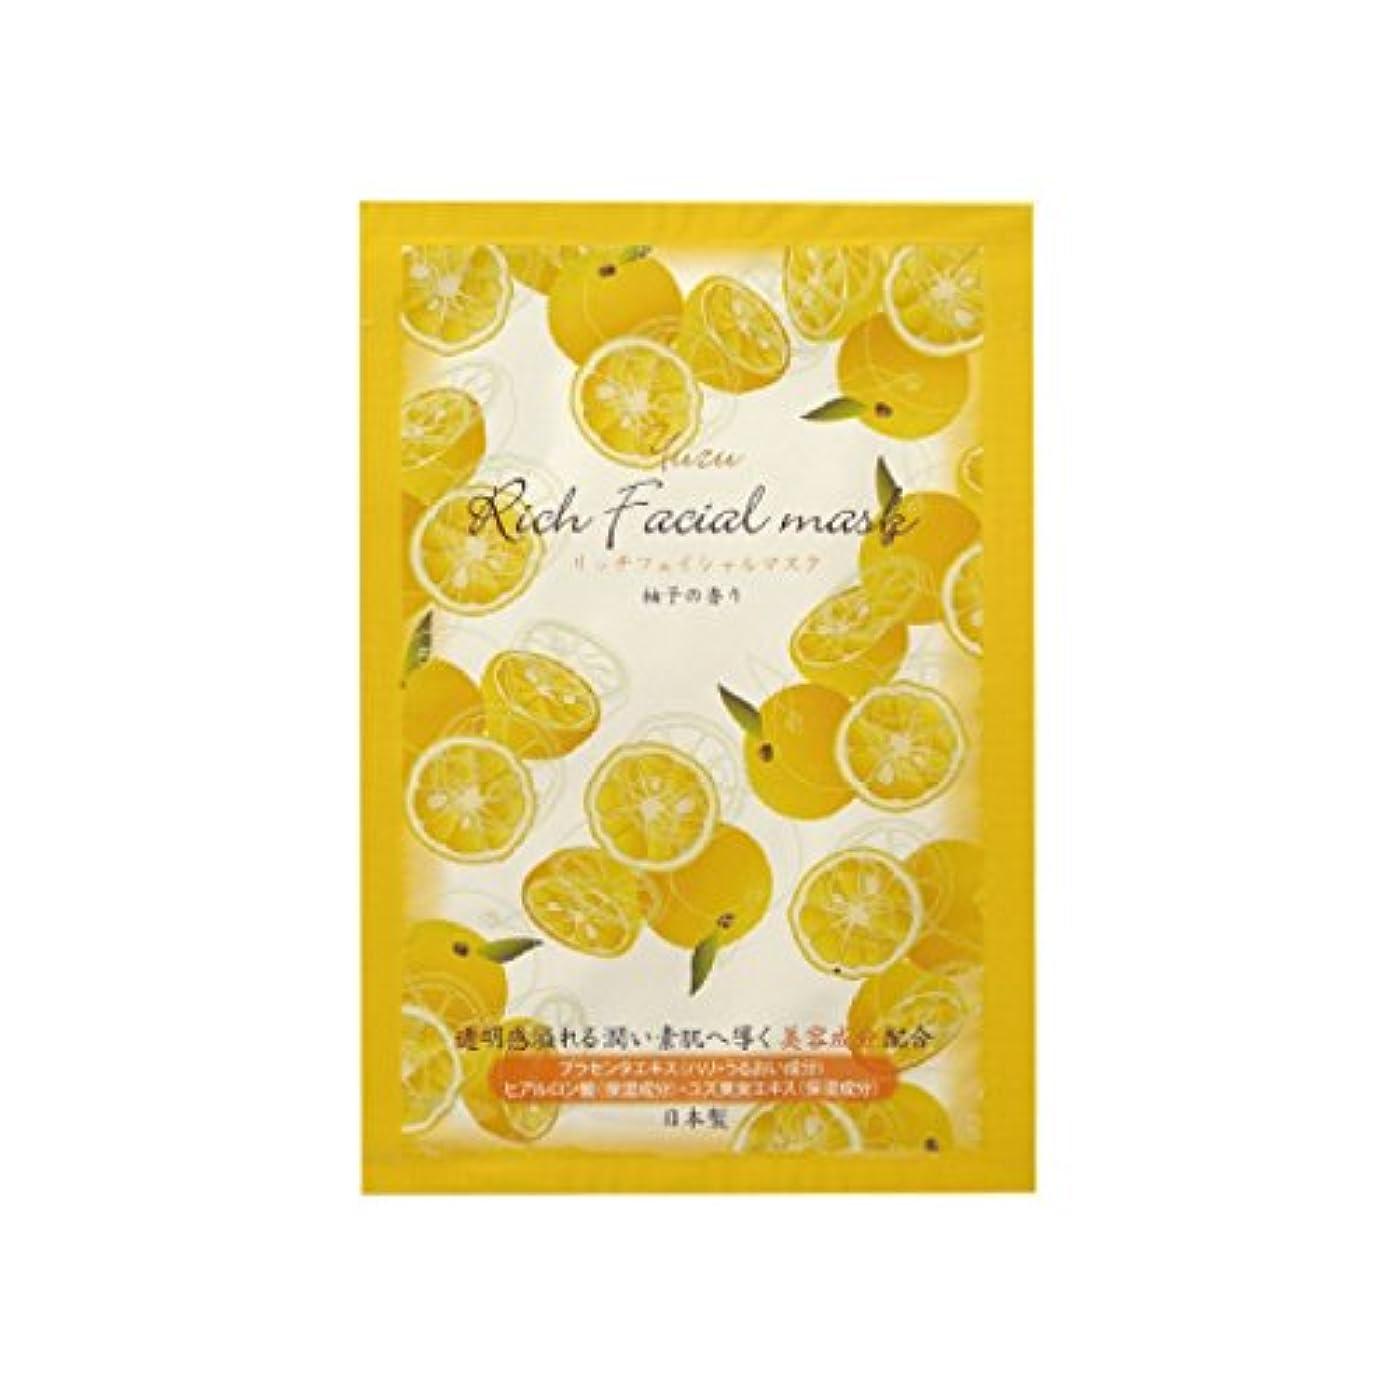 櫛パンツ議会リッチフェイシャルマスク 柚子の香り 10枚